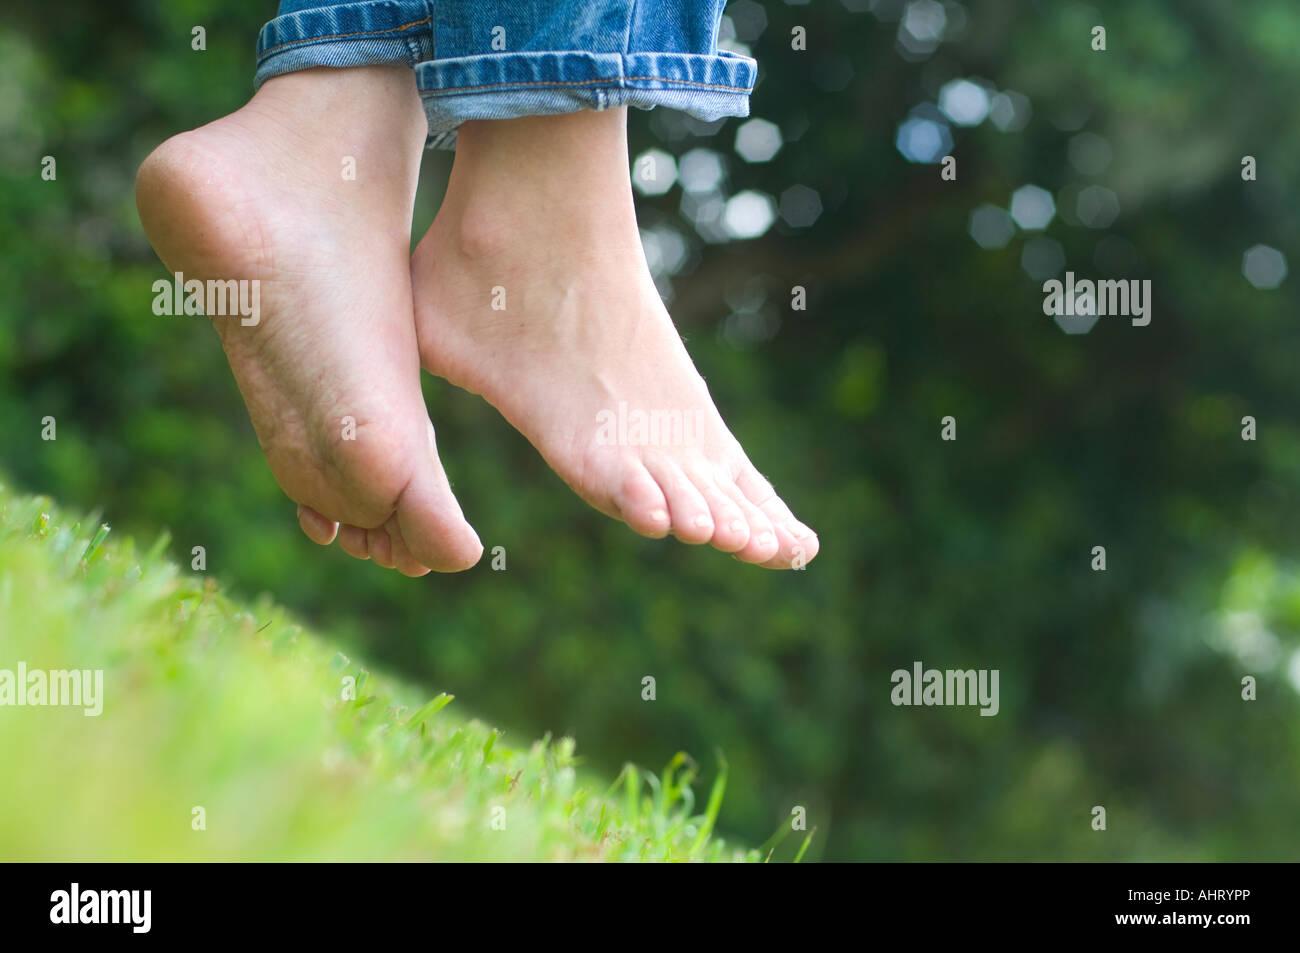 young girl bare feet